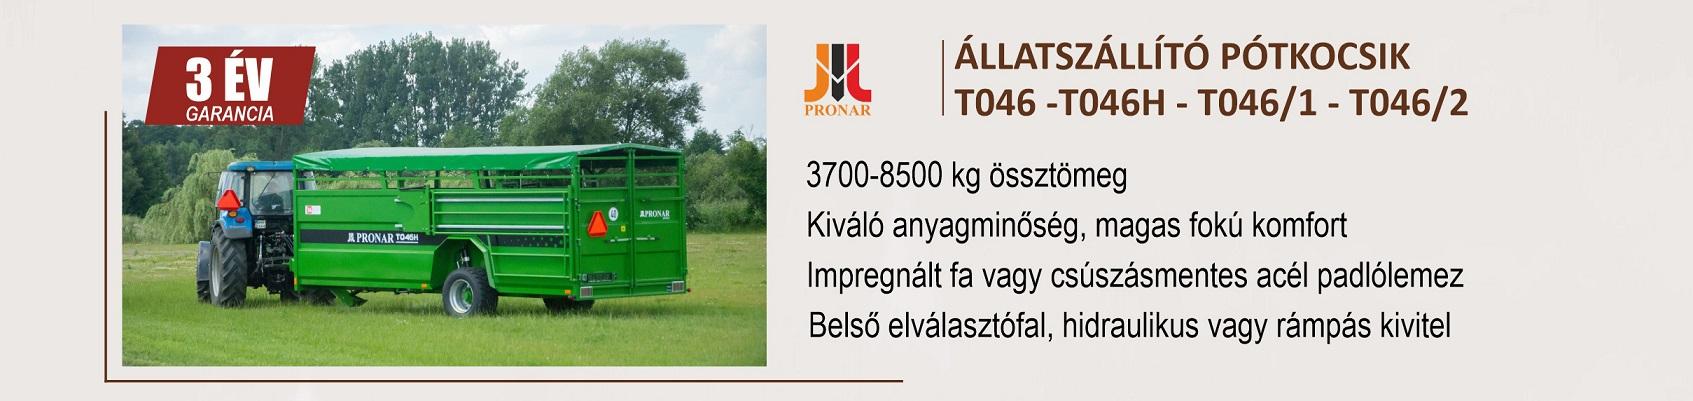 ÁTK 2021 anyag 4.jpg